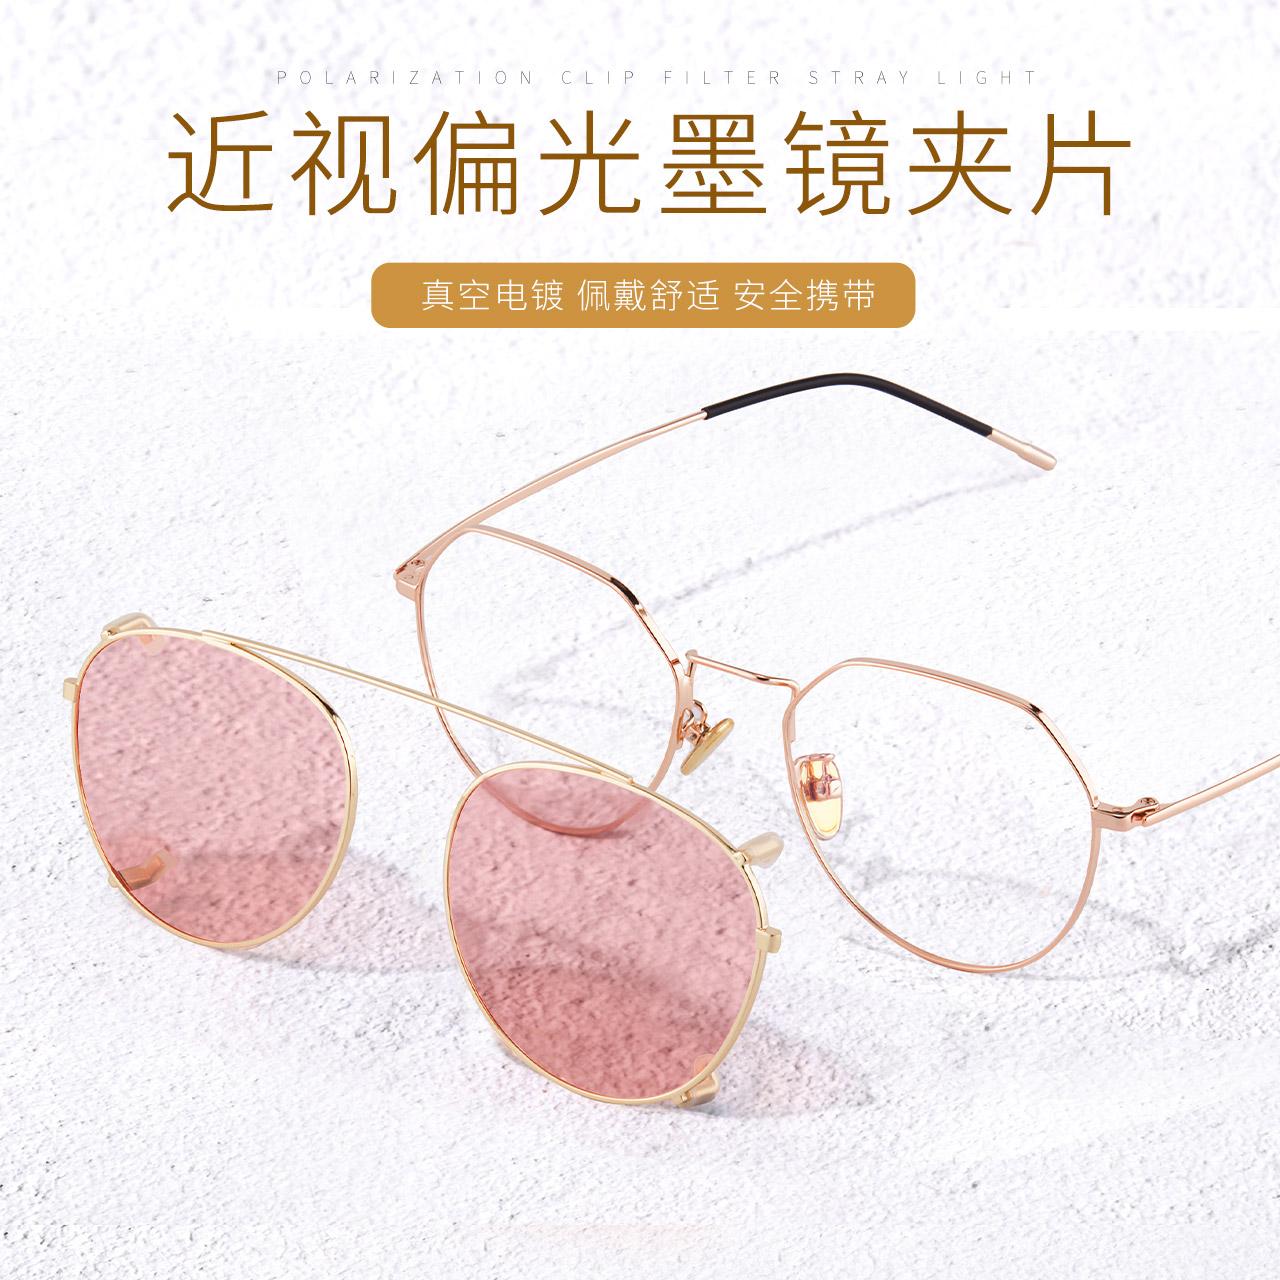 タオバオ仕入れ代行-ibuy99 太阳镜 2021年新款近视墨镜夹片式女超轻偏光太阳眼镜镜片防晒防紫外线男